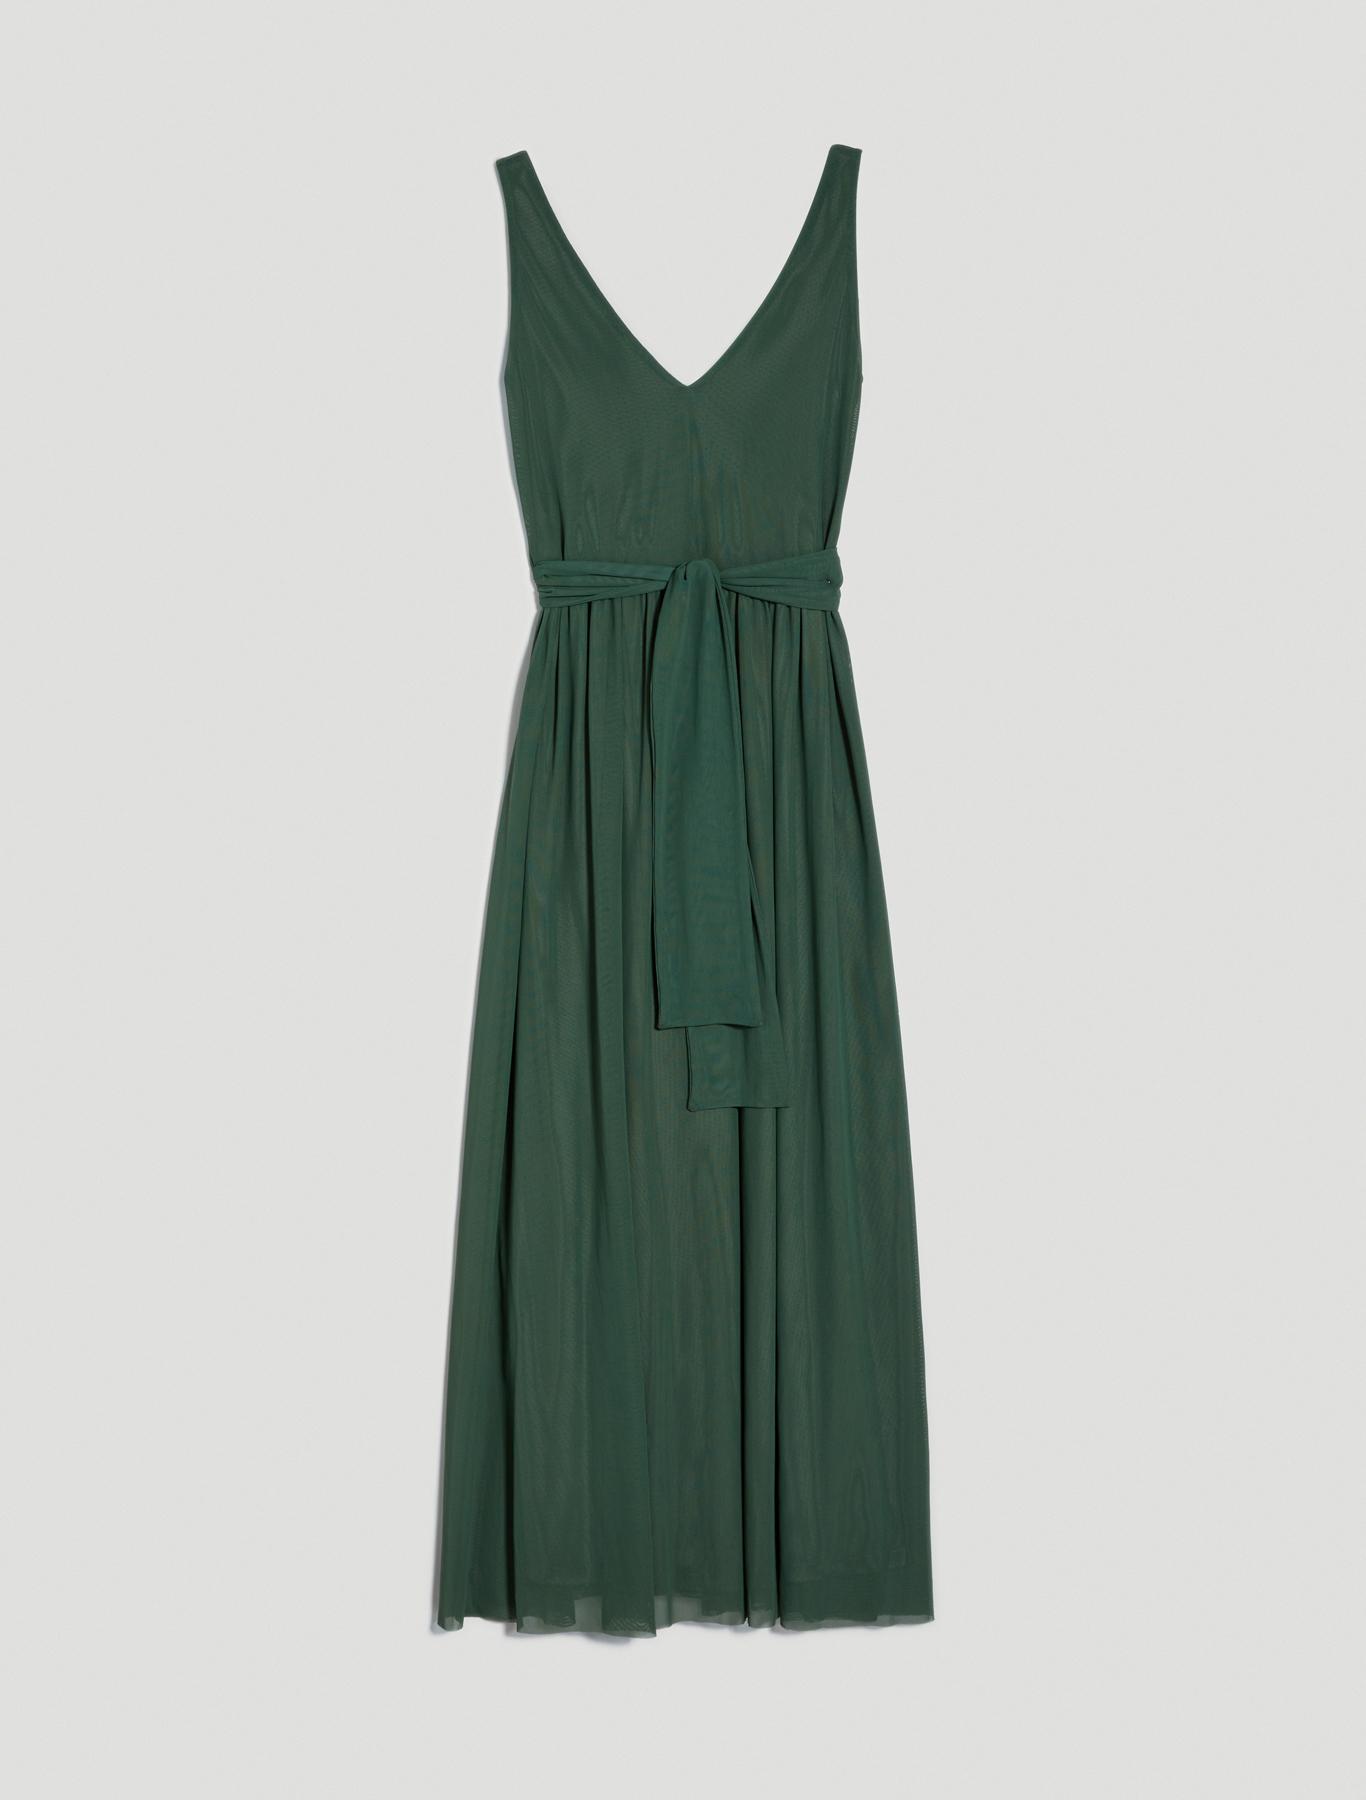 Long tulle jersey dress - green - pennyblack